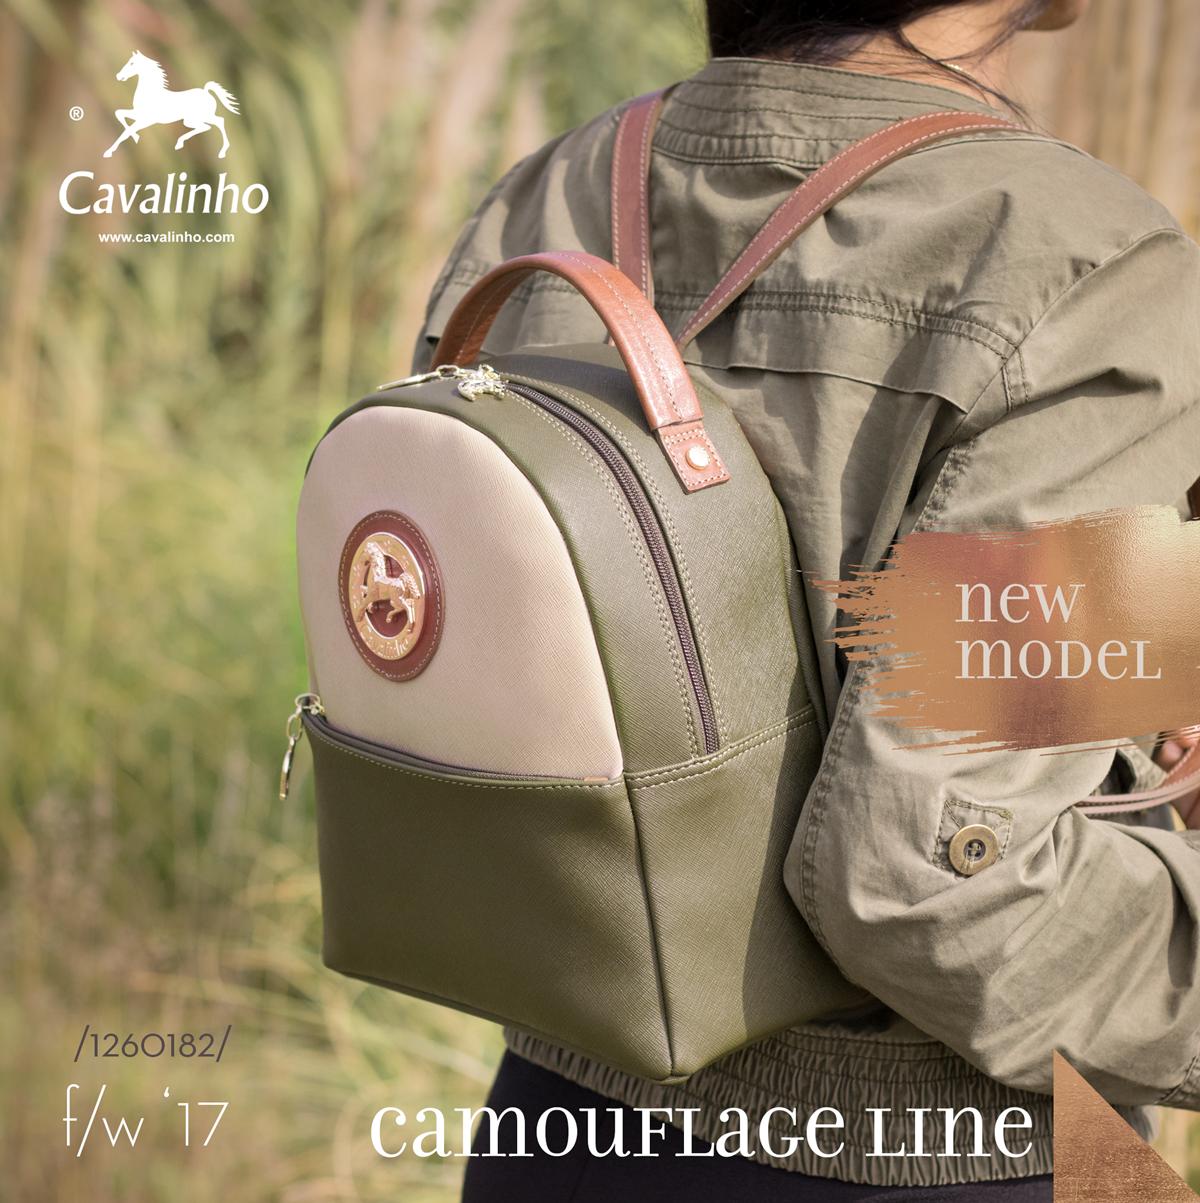 Nova Coleção Outono/Inverno 2017 Cavalinho - Camouflage Line